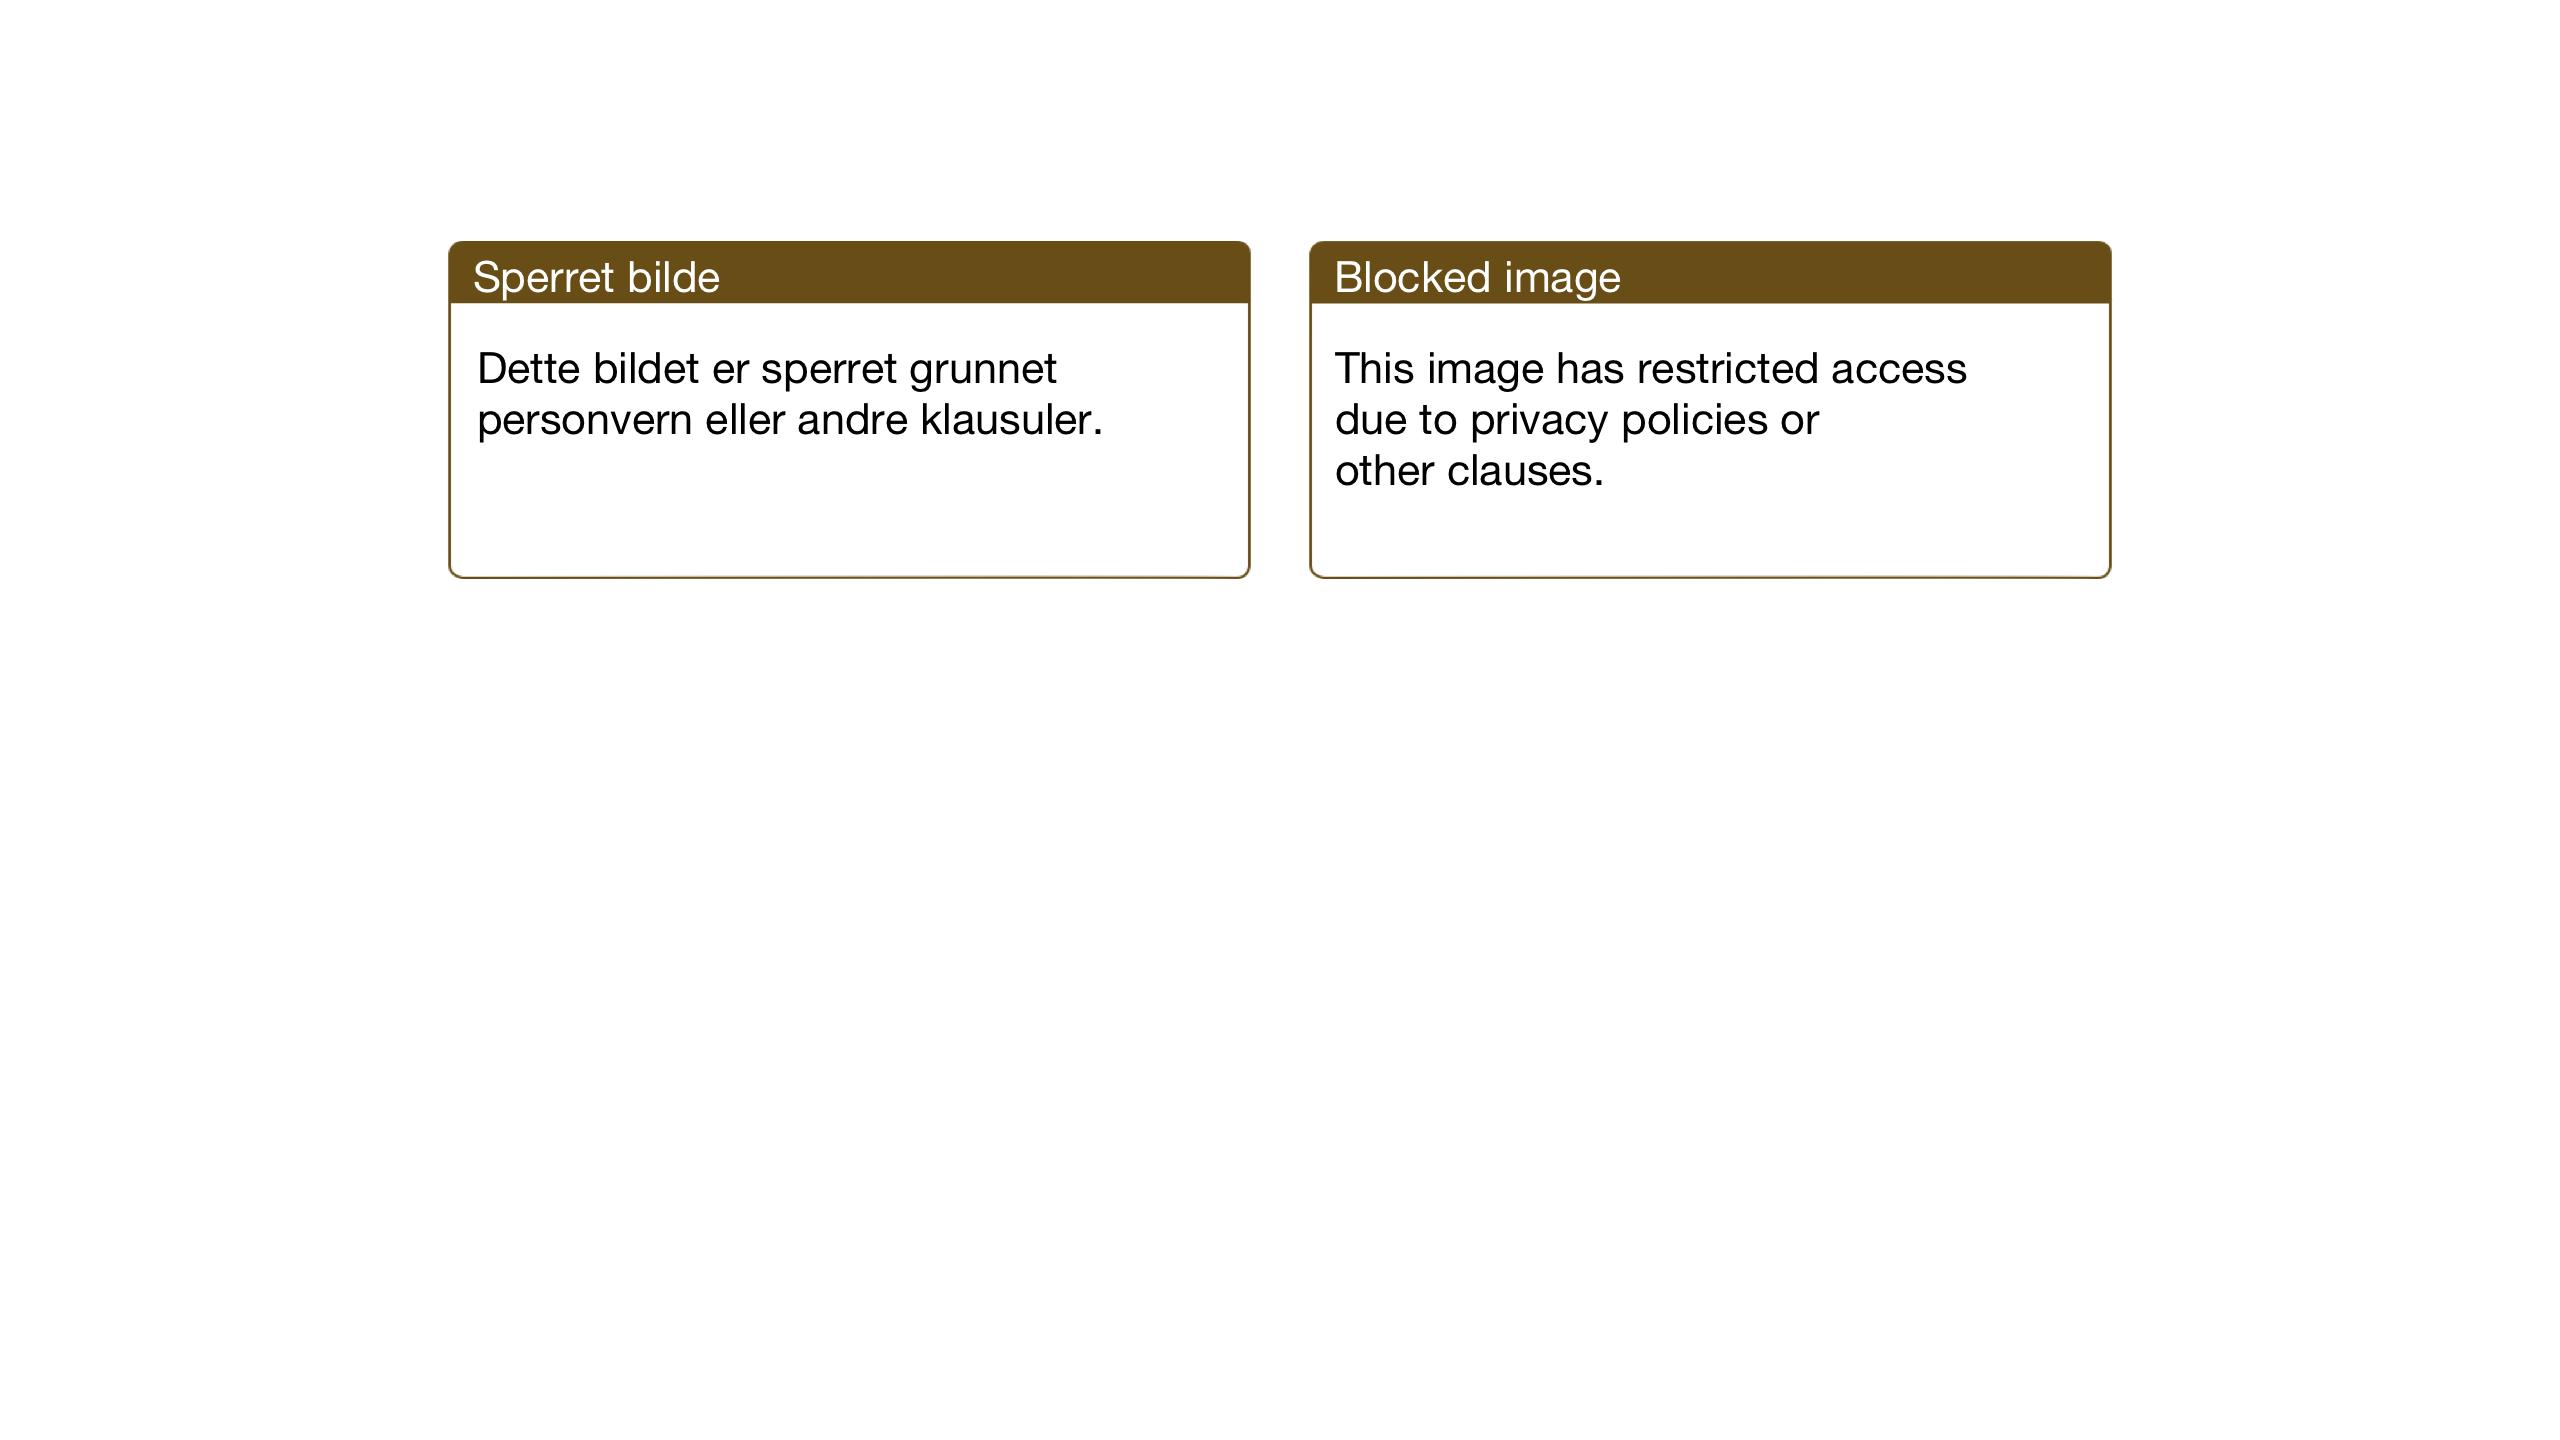 SAT, Ministerialprotokoller, klokkerbøker og fødselsregistre - Nord-Trøndelag, 766/L0564: Ministerialbok nr. 767A02, 1900-1932, s. 72